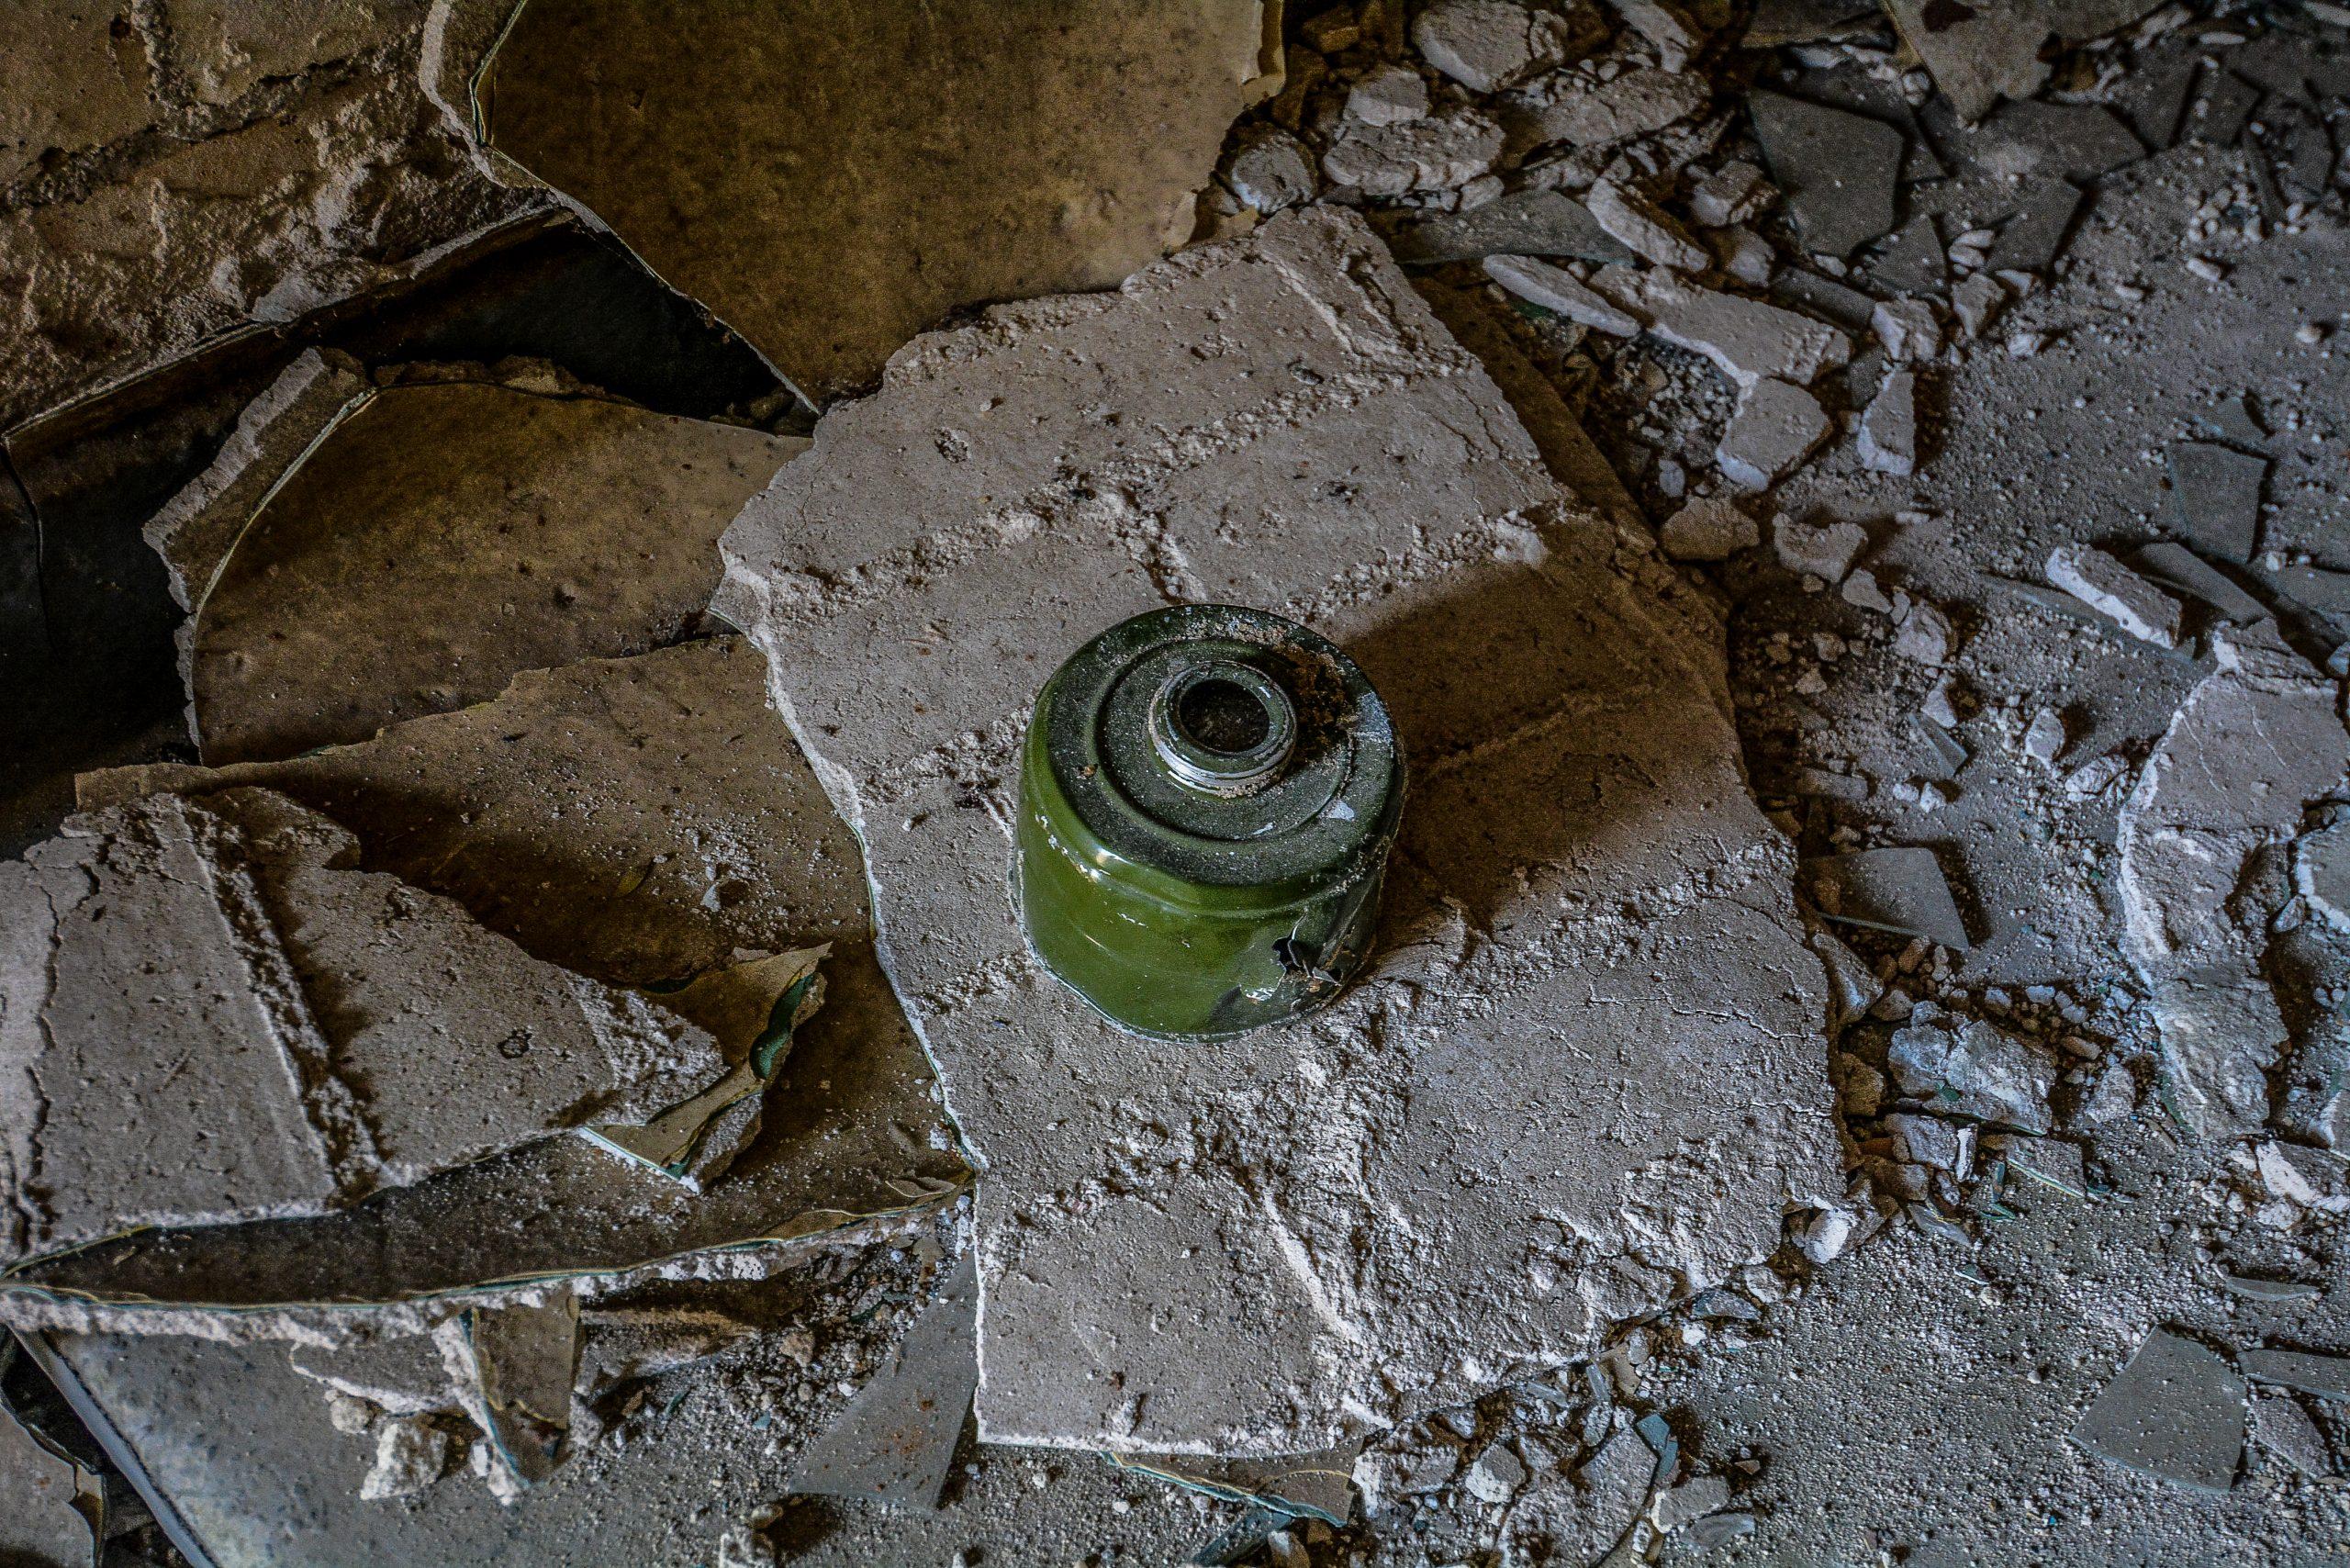 soviet military gas mask filter forst zinna adolf hitler lager luckenwalde juterbog sowjet kaserne soviet military barracks germany lost places urbex abandoned